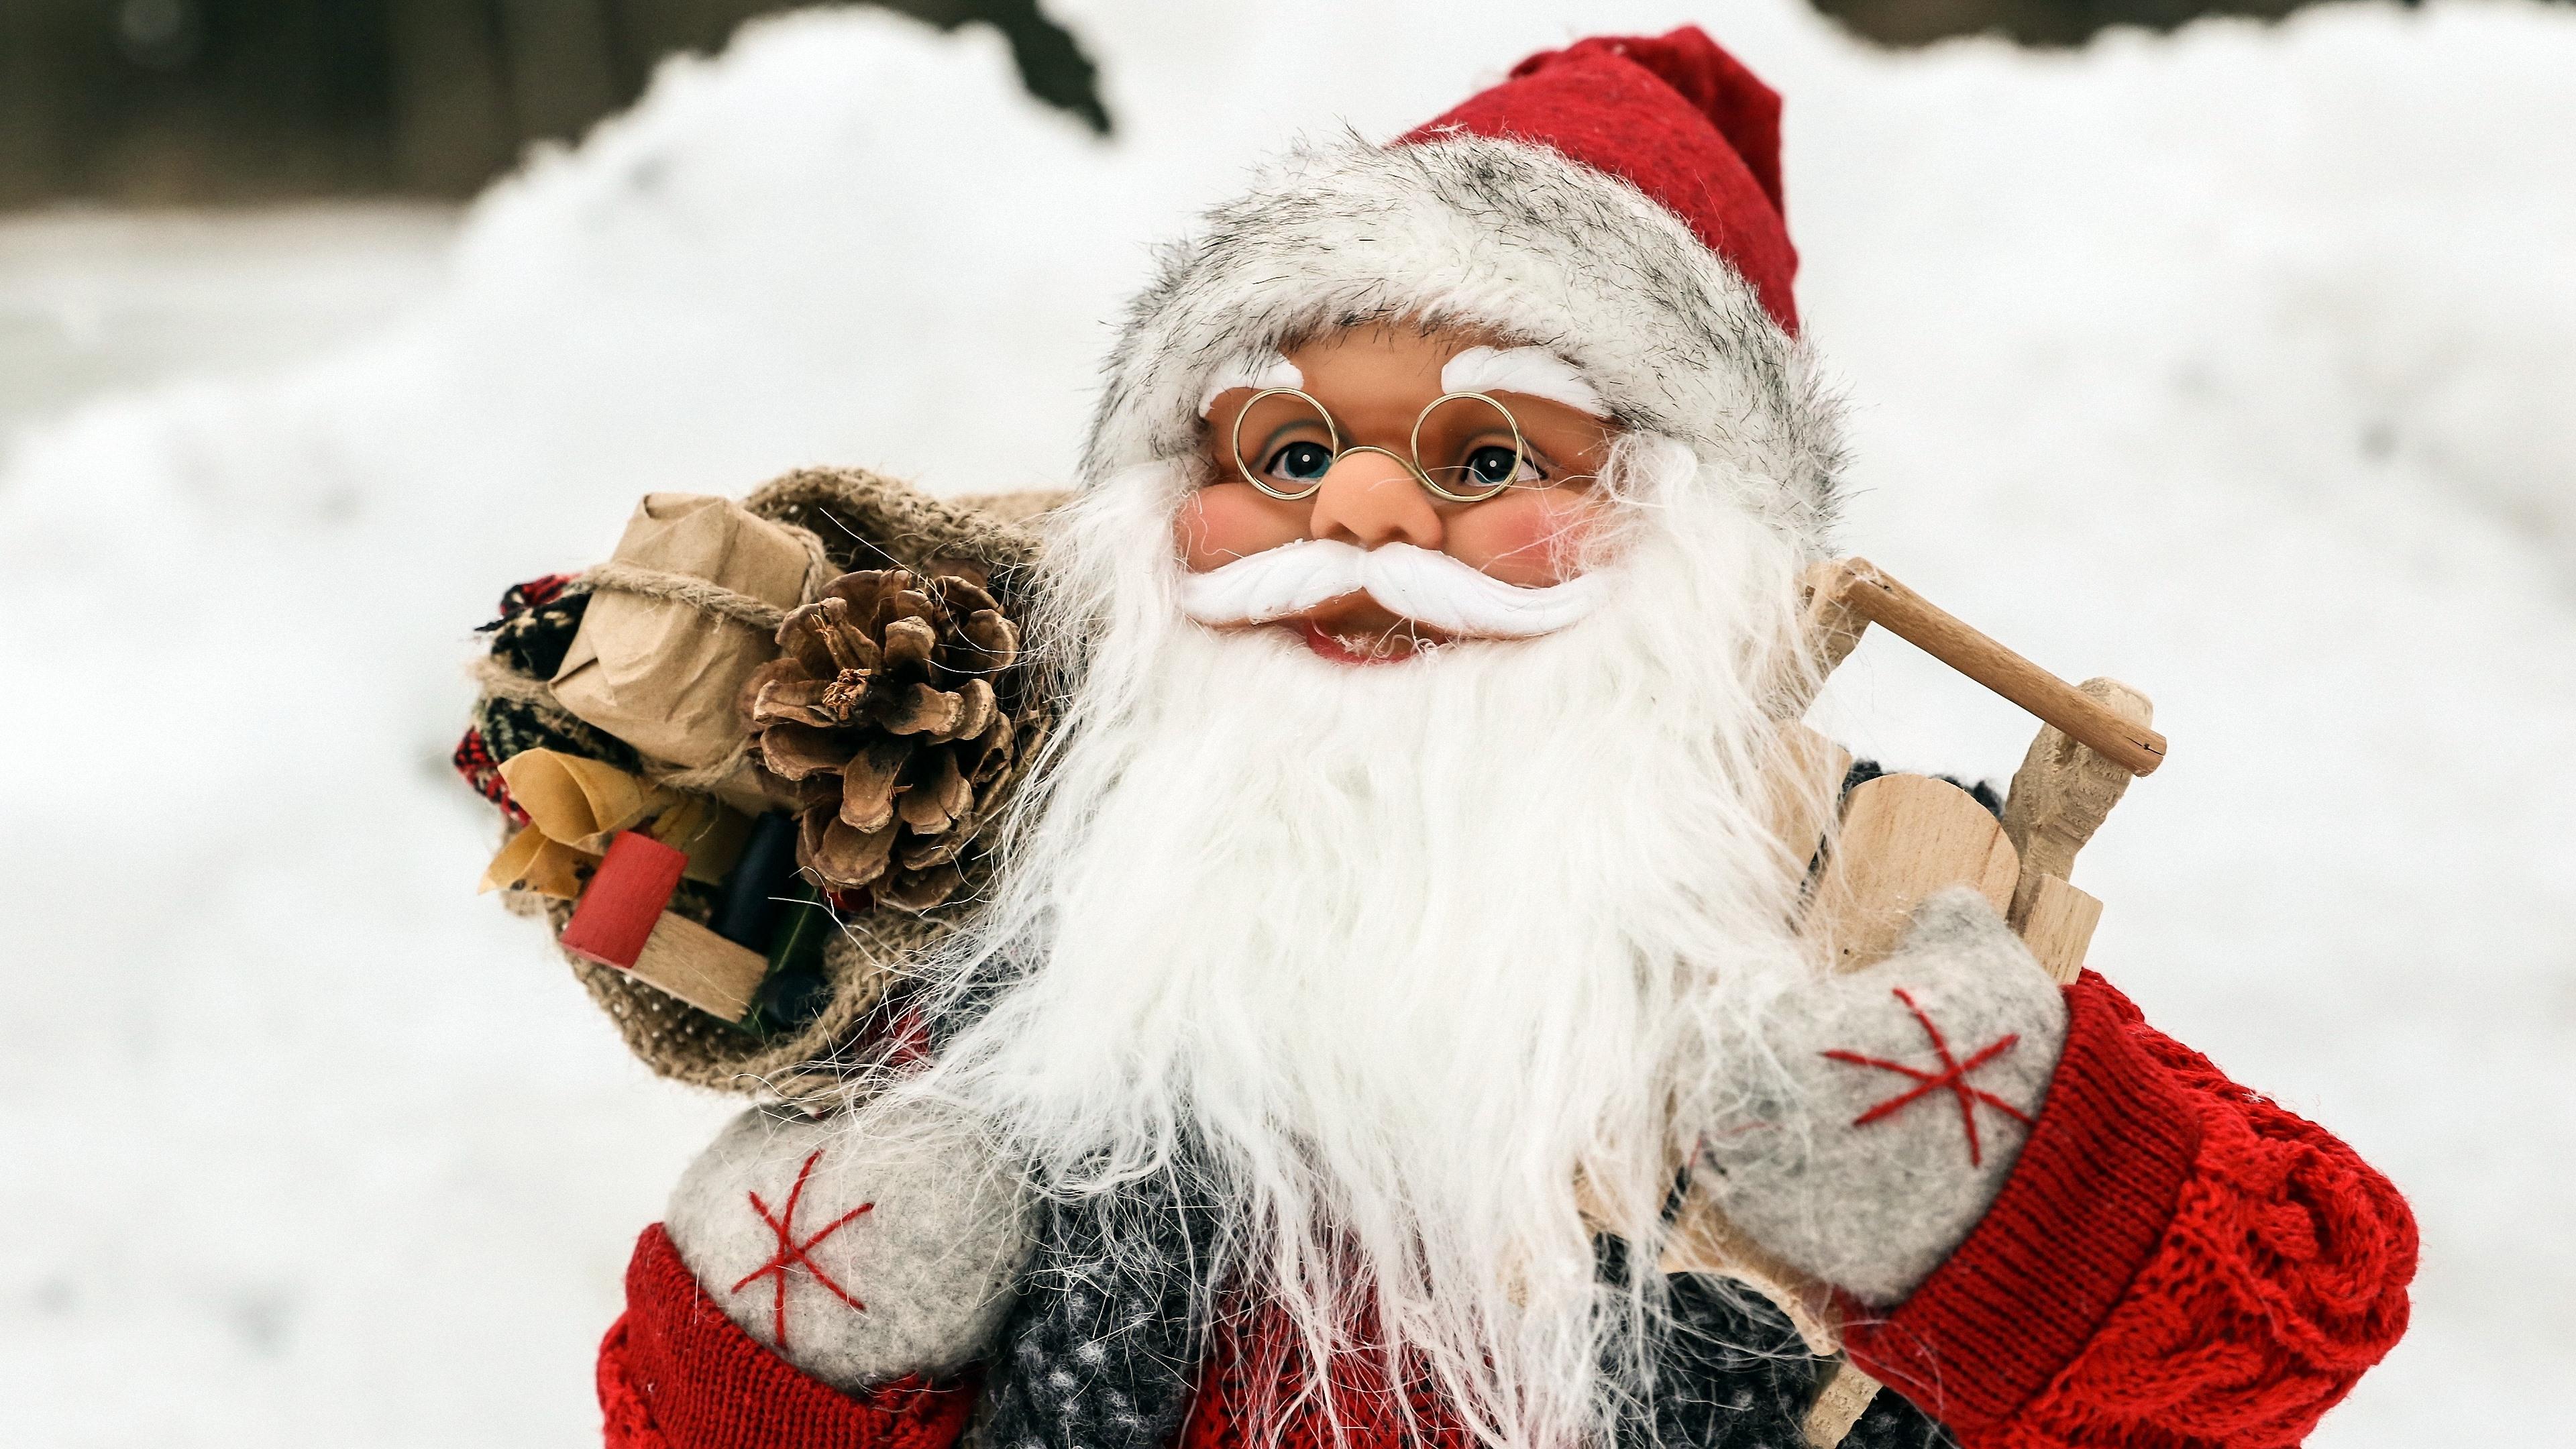 Weihnachten Hd Bilder.Desktopbilder Weihnachten Hd 3840x2160